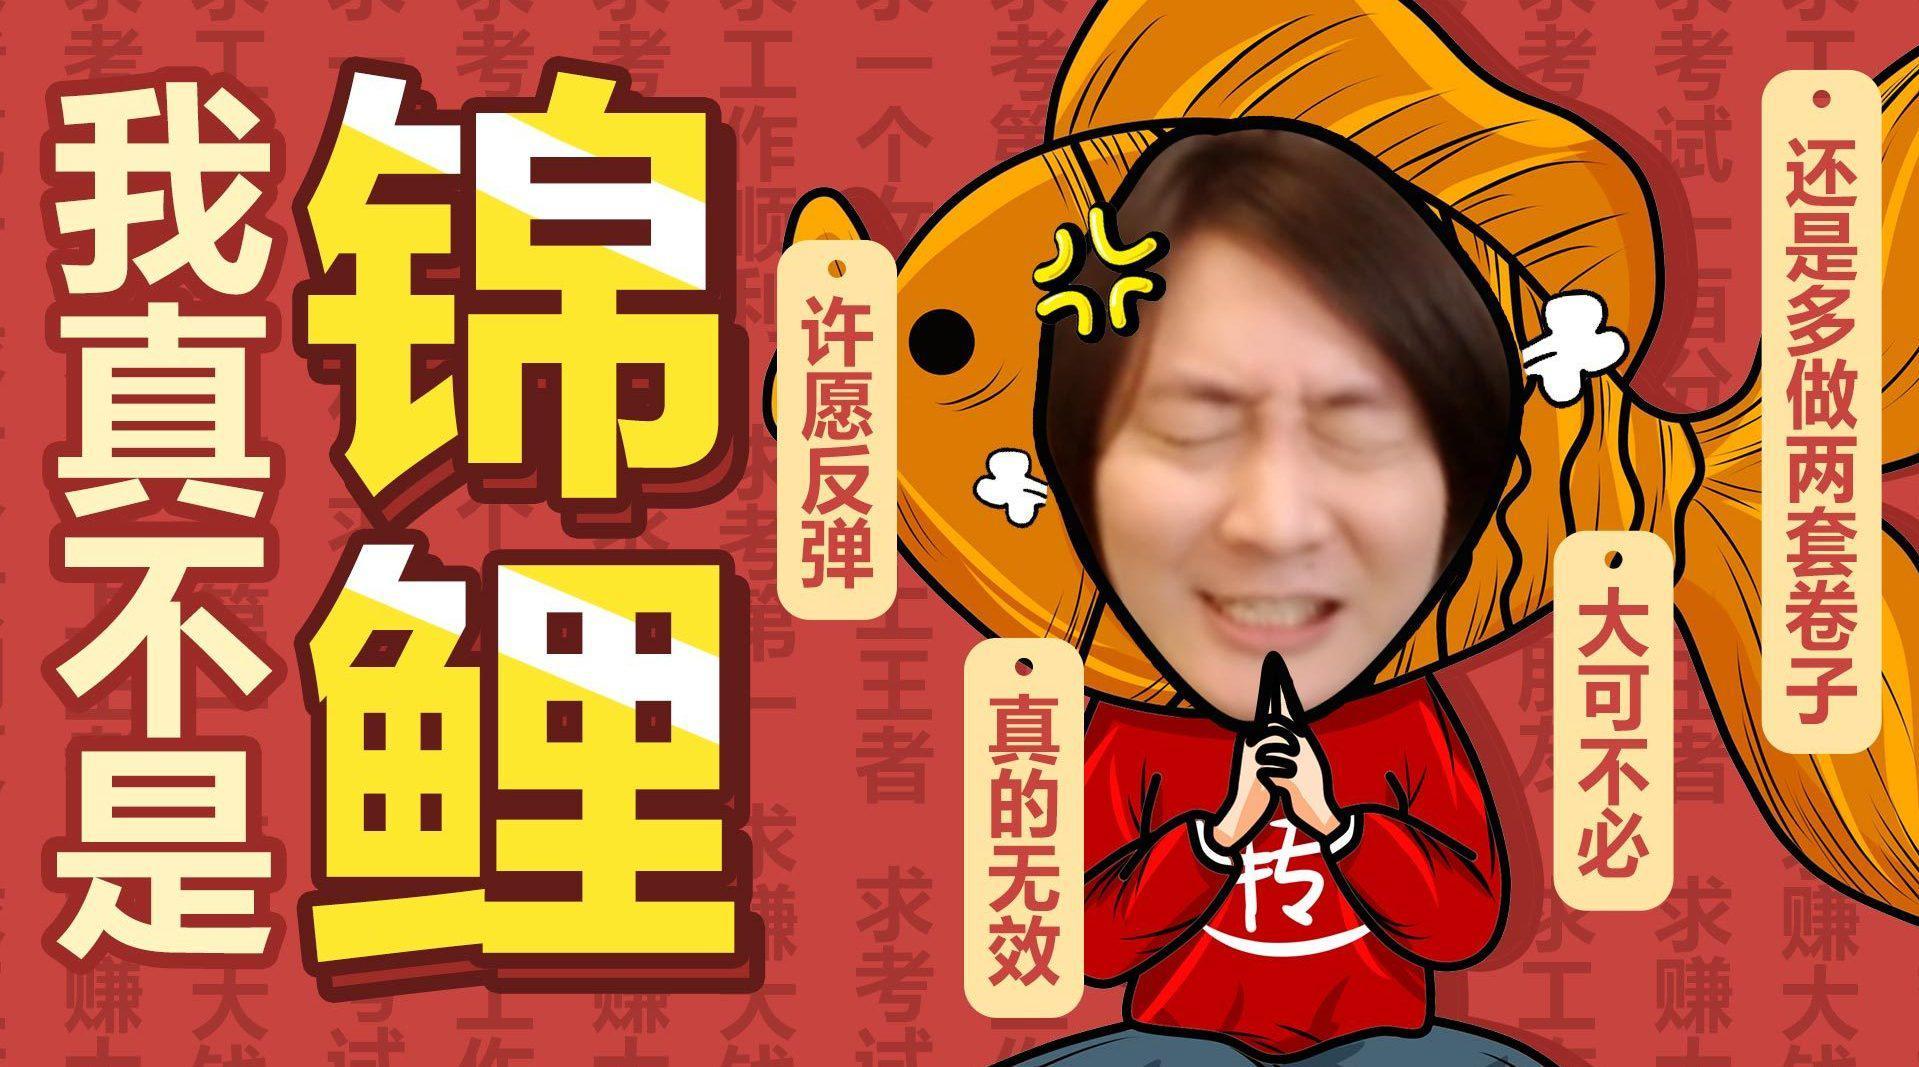 张大仙搞笑视频合集: 我把你们当朋友,你们把我当锦鲤?